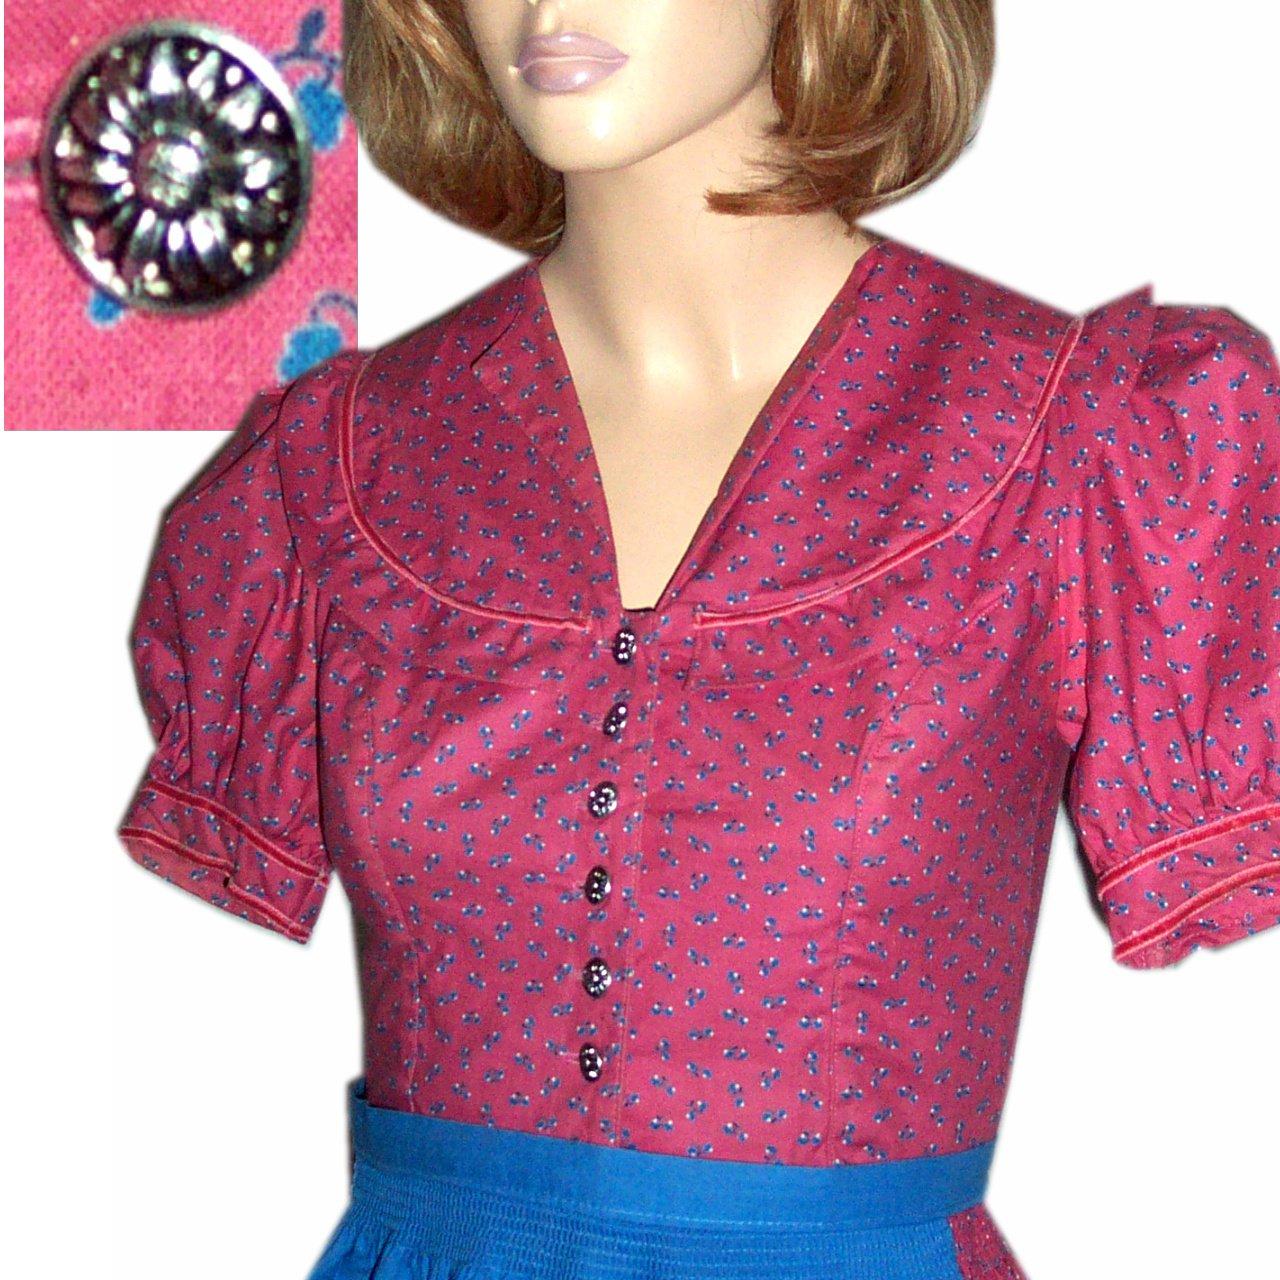 Prairie Dress Bavarian Dirndl - Trachten Buttons - OKTOBERFEST Pink Calico Bust 33